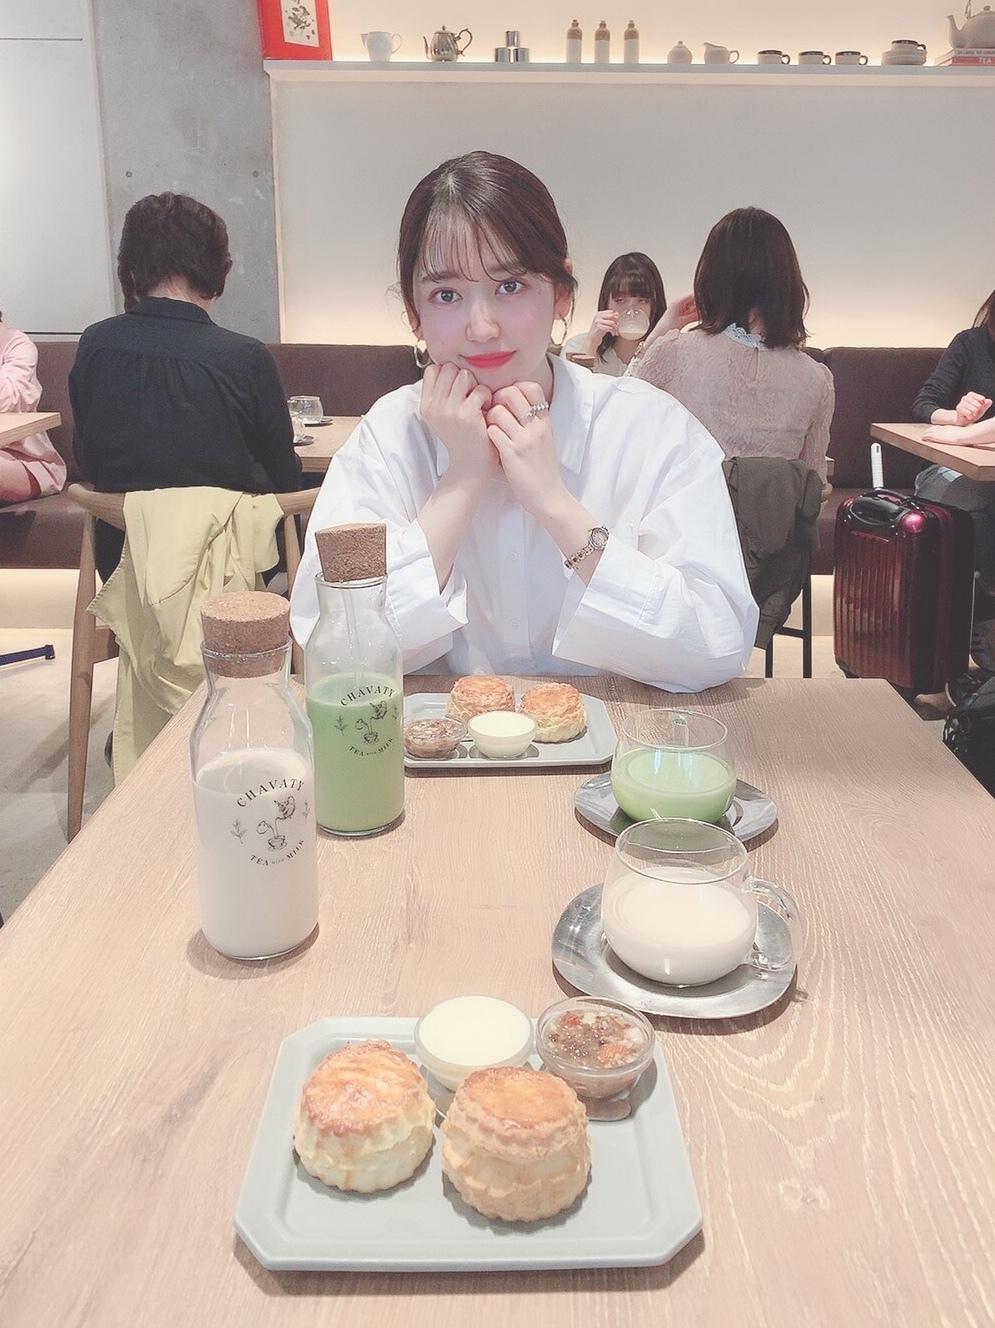 【ミルクティー専門店】❥CHAVATY _1_5-2